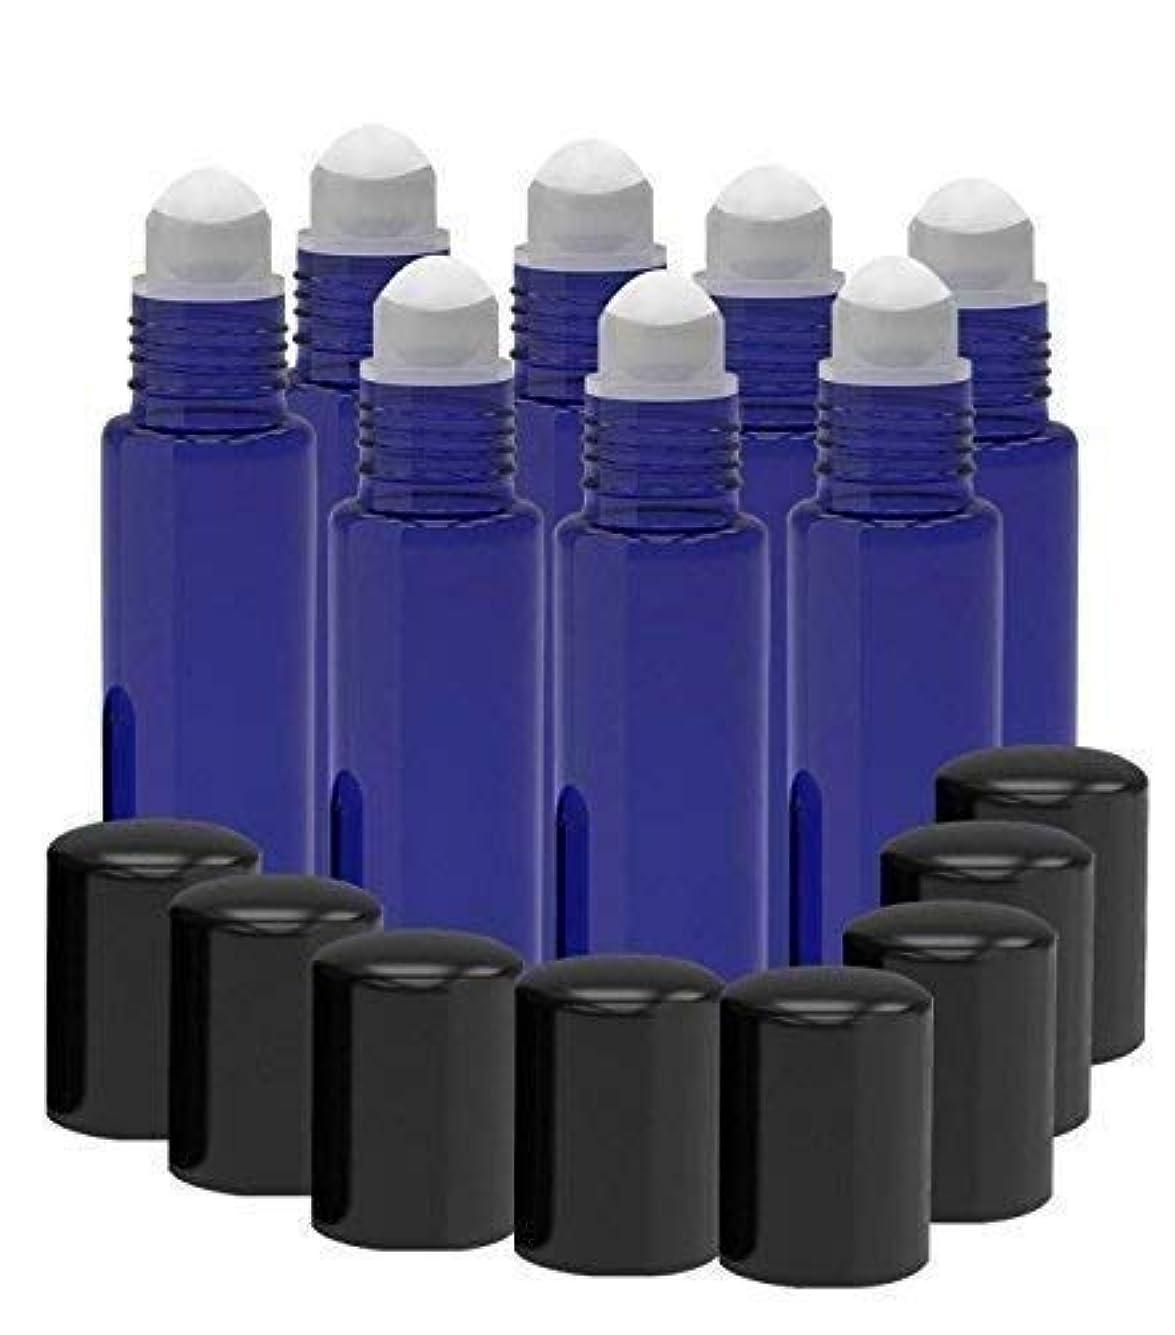 放つ適度な市民8 Pack - Essential Oil Roller Bottles [PLASTIC ROLLER BALL] 10ml Refillable Glass Color Roll On for Fragrance...